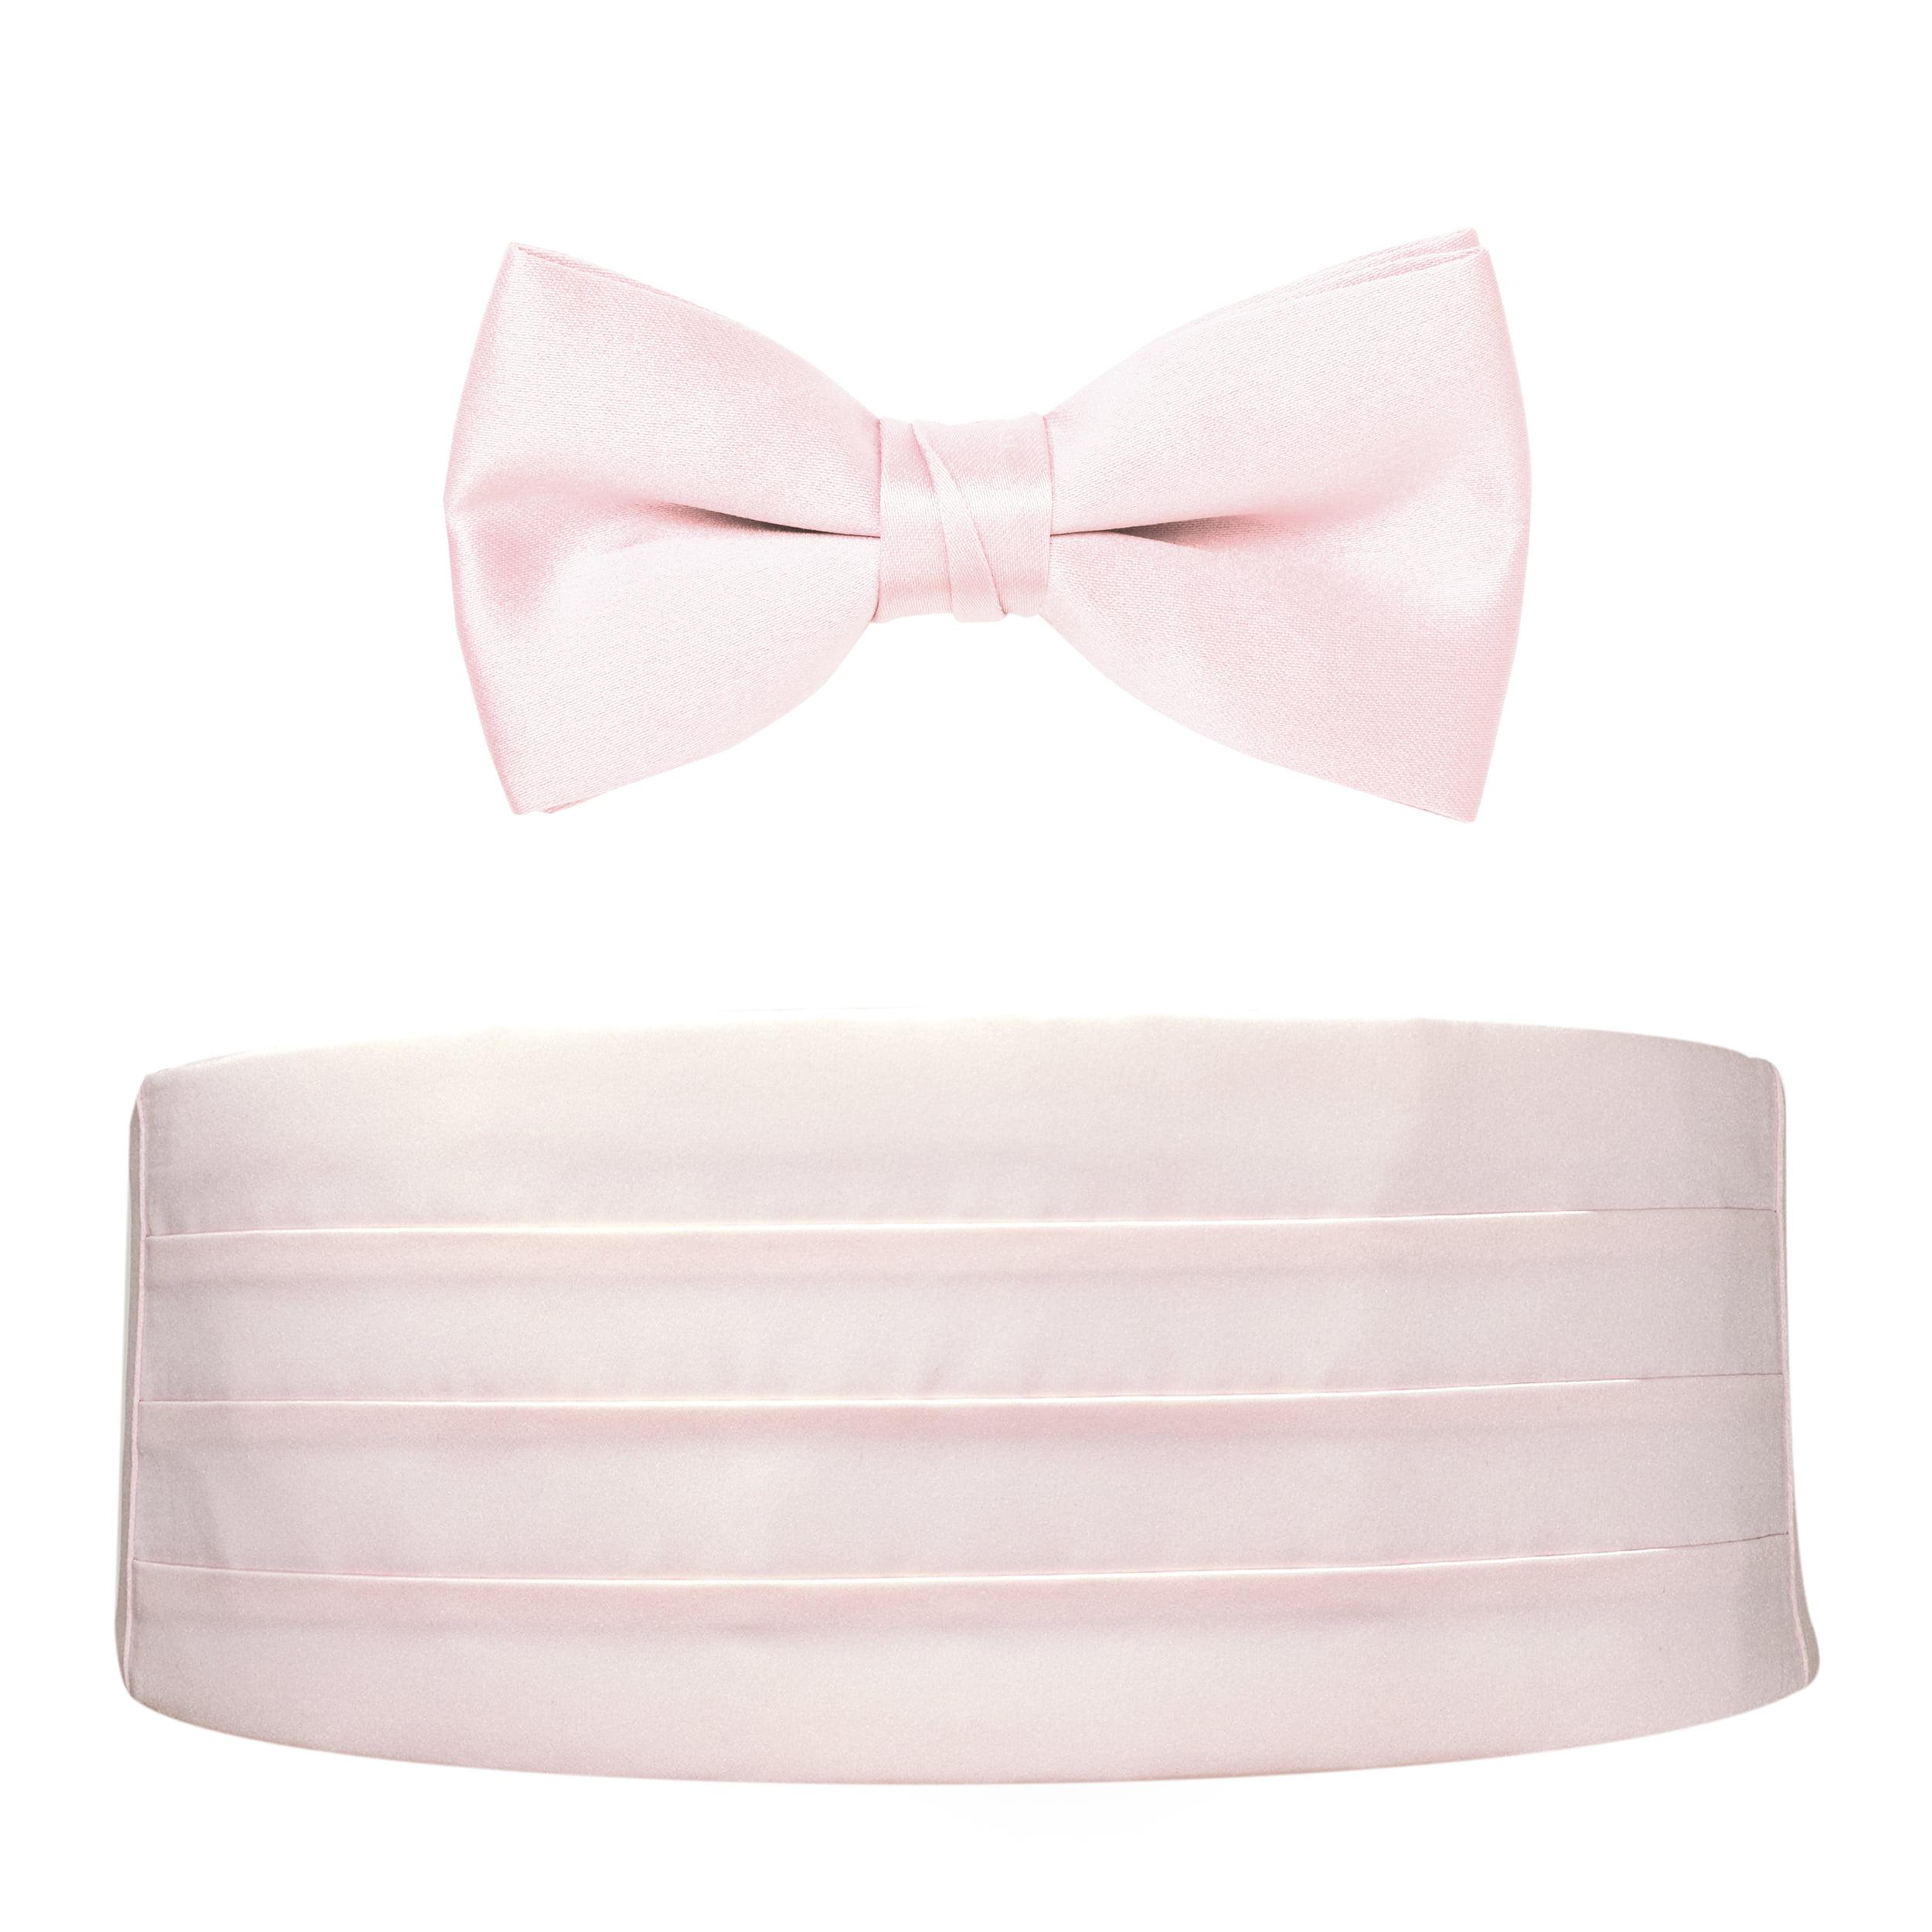 Boys Dusty Pink Cummerbund Bow-tie Special Occasion Accessories Set